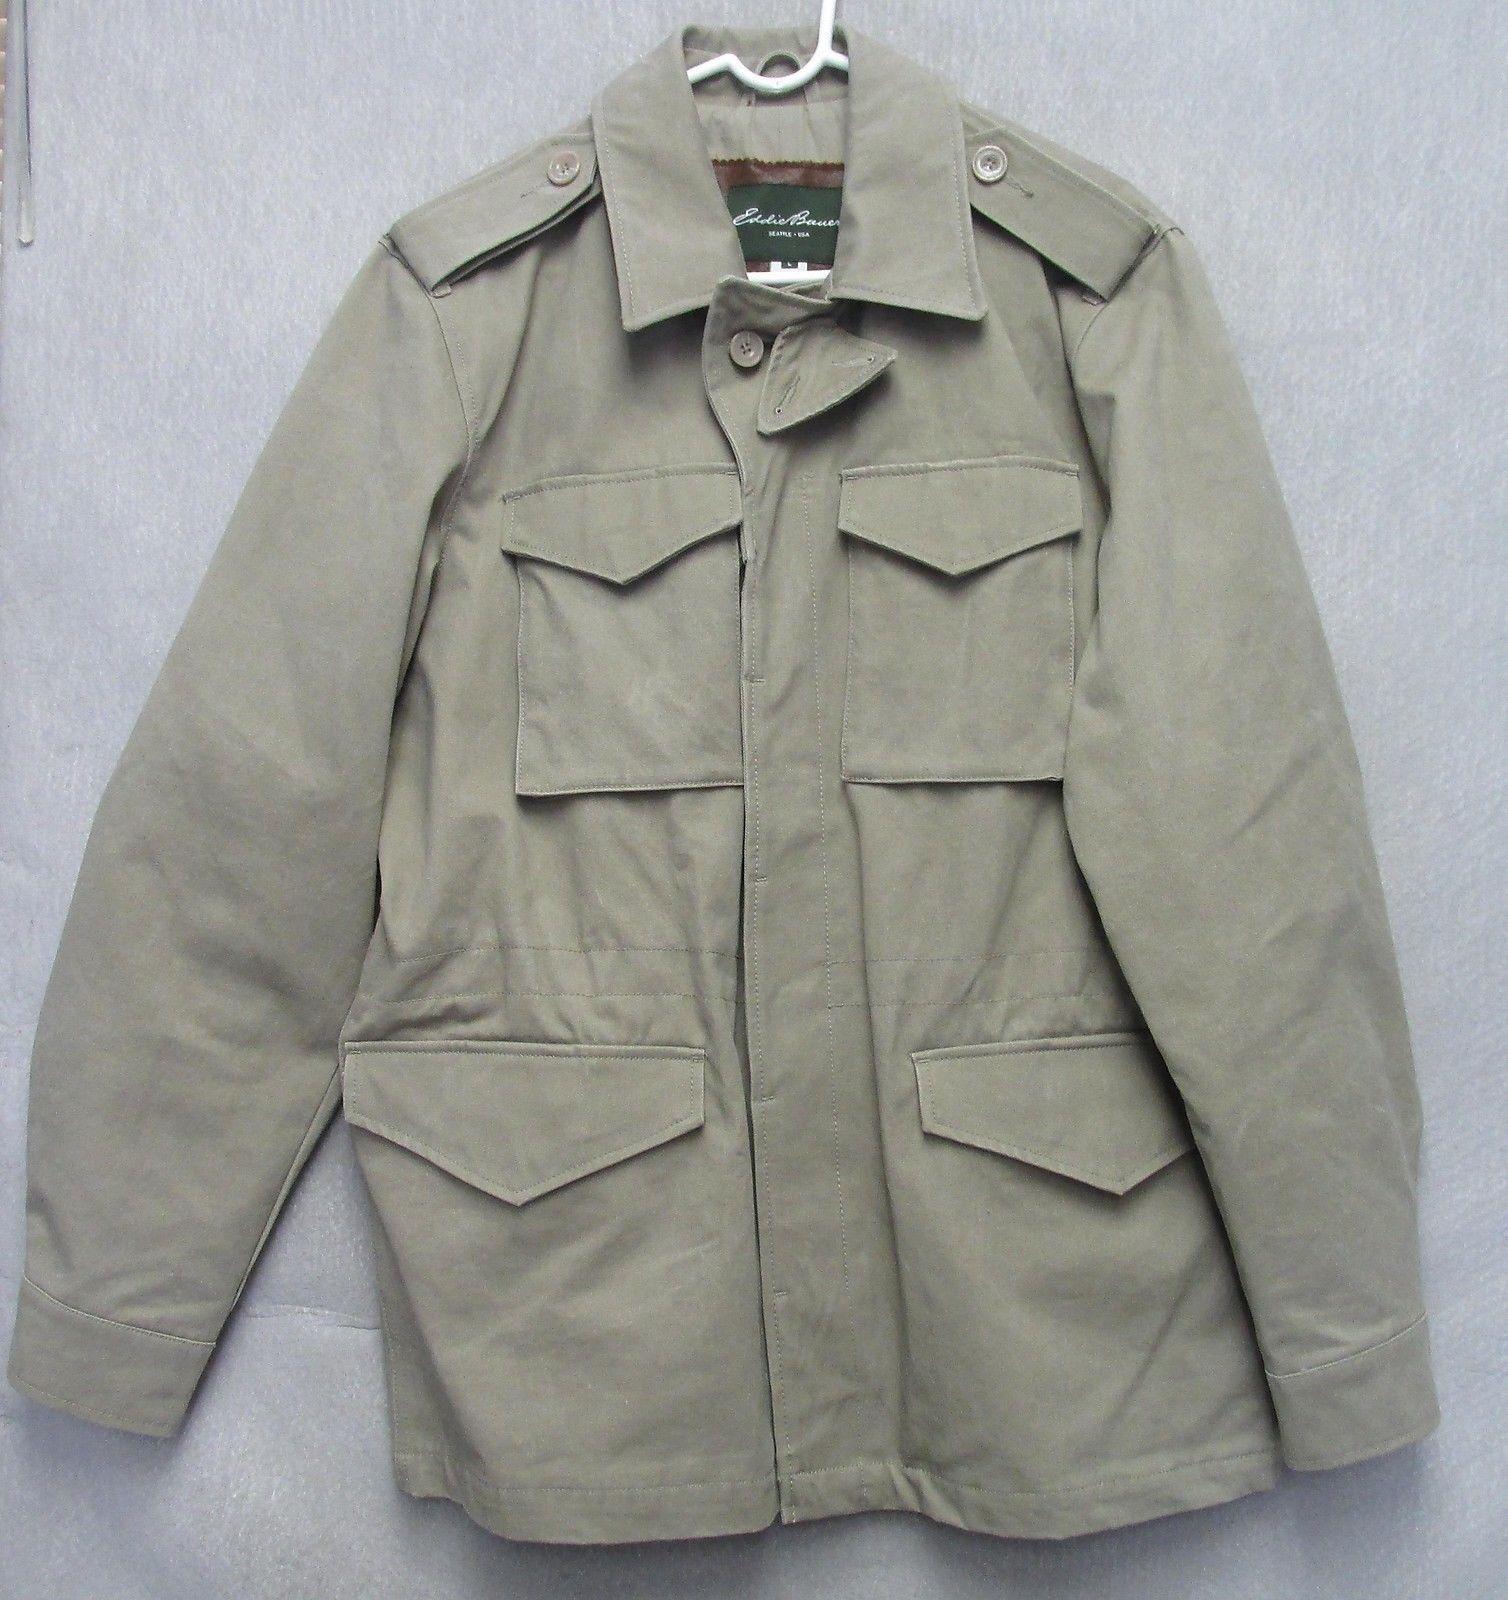 S1164 Eddie Bauer Grau Sportsman Coat Größe Large with Waist Drawstring